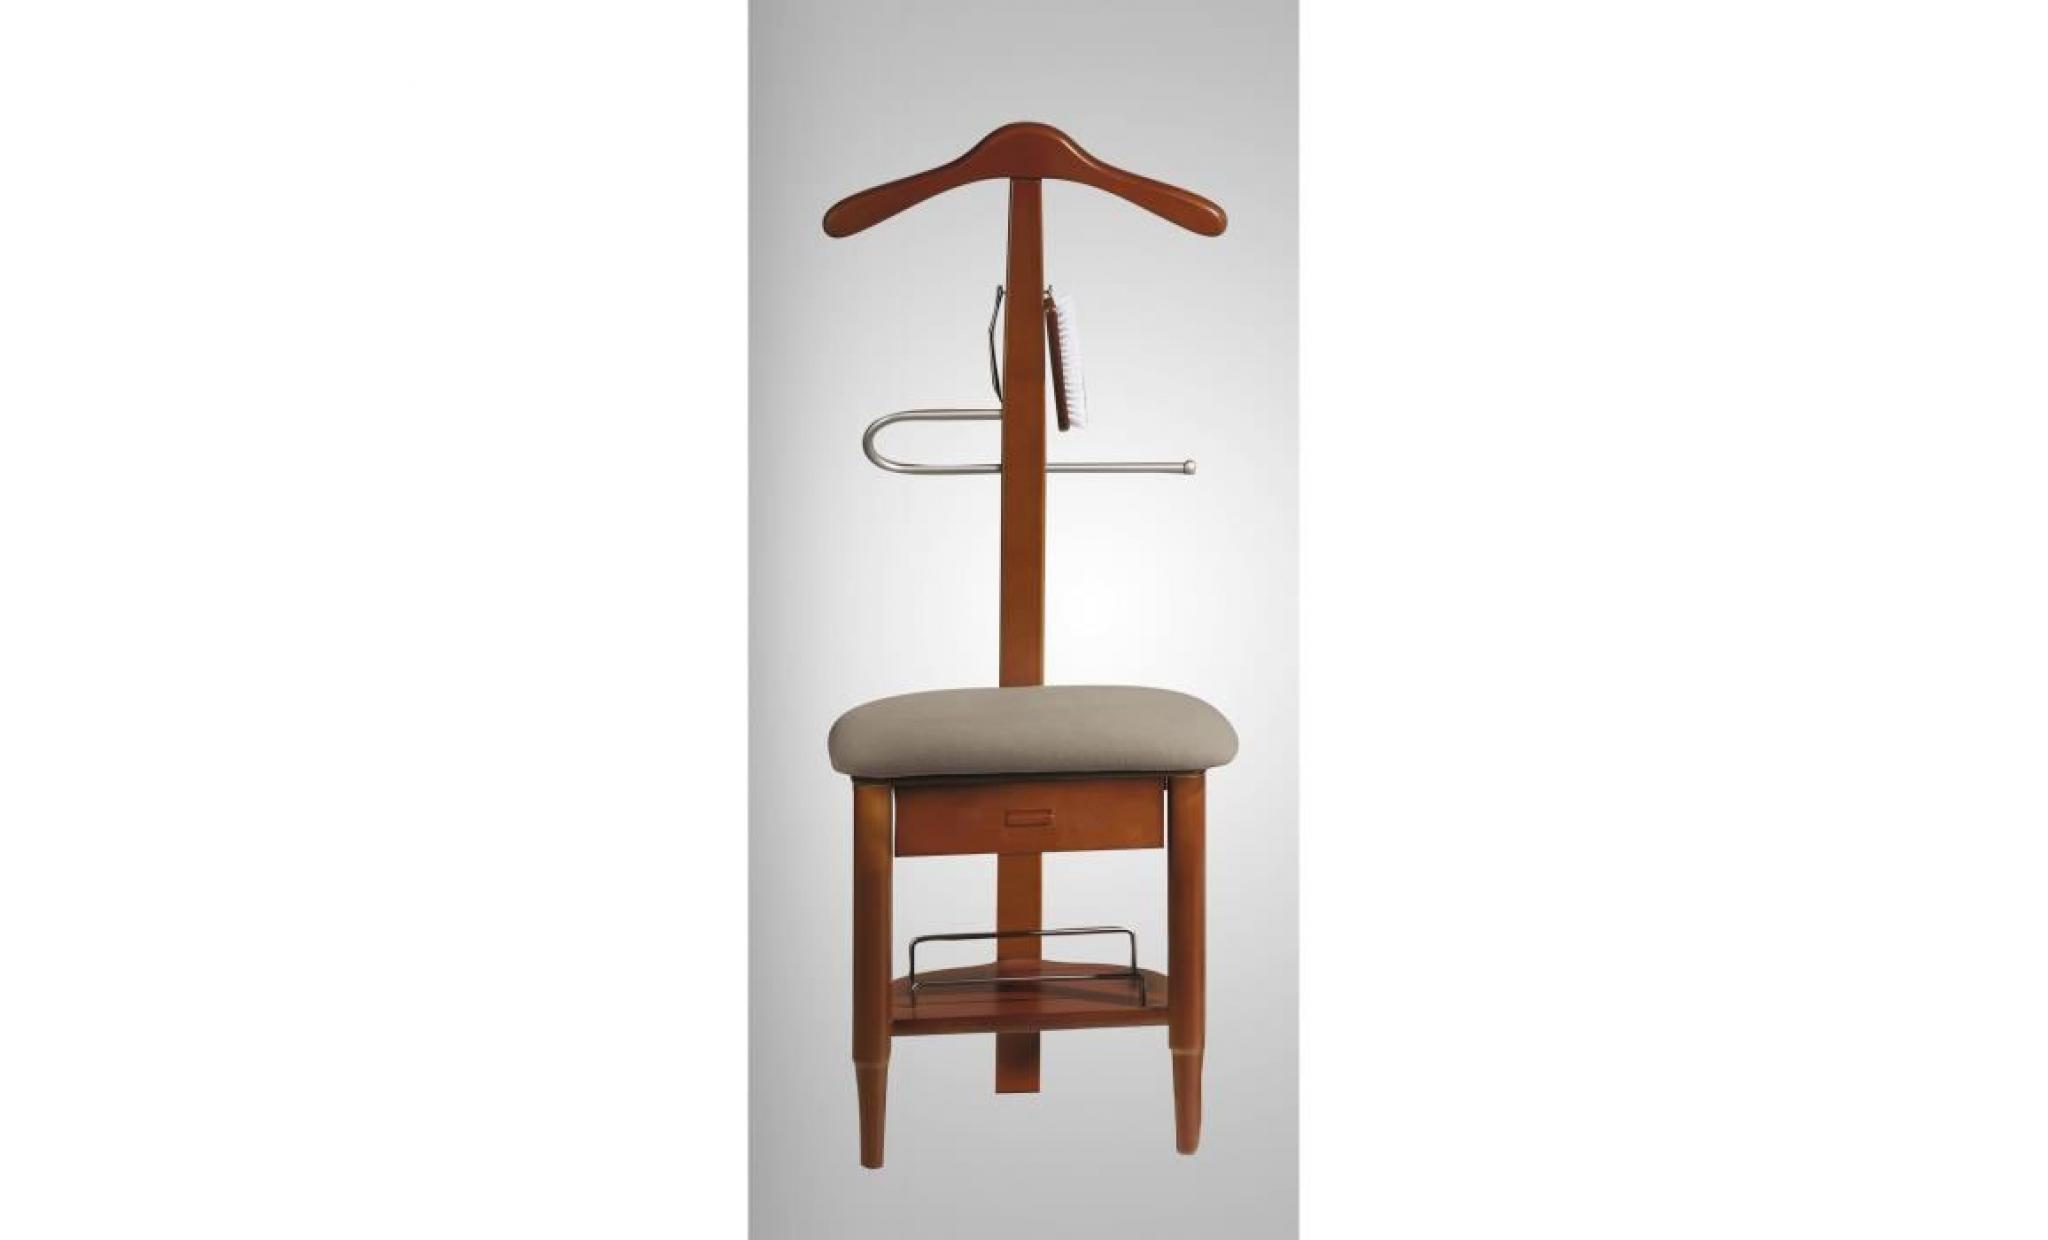 valet de nuit sous forme de chaise en h tre mas achat vente valet de chambre pas cher. Black Bedroom Furniture Sets. Home Design Ideas